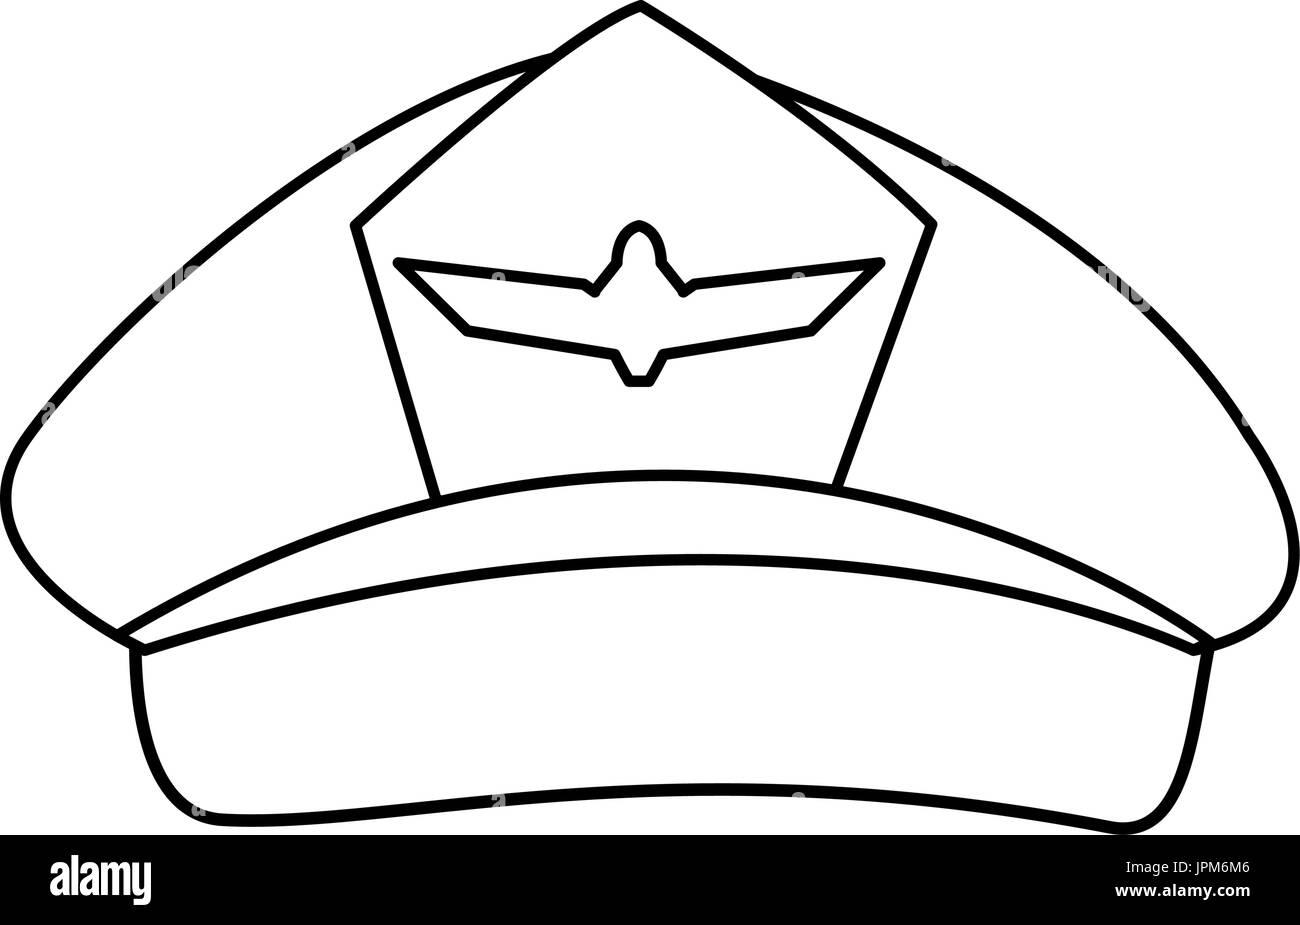 Pilot Hat Illustration Stock Photos & Pilot Hat ...